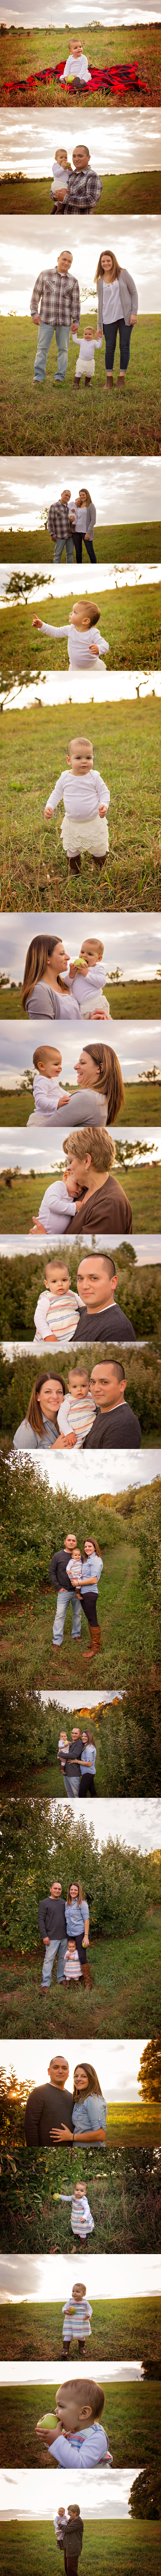 St. Joseph Michigan Newborn, Child and family Photographer_0325.jpg